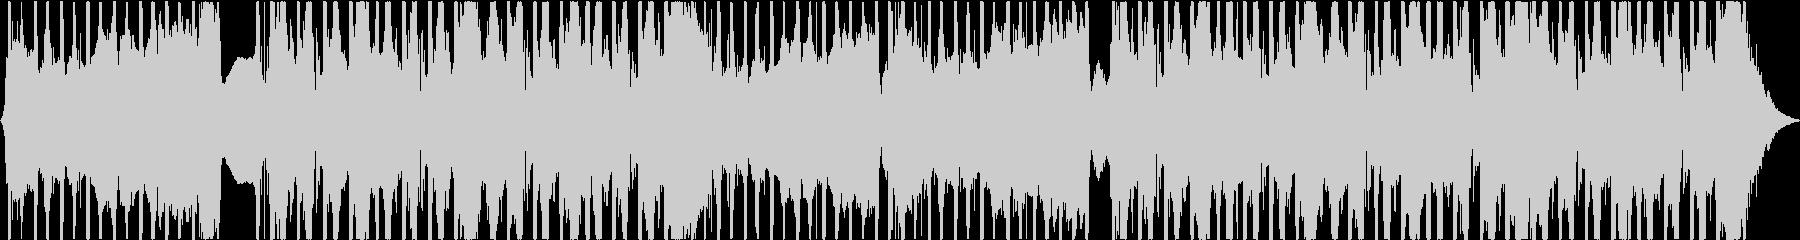 スタイリッシュなメロディックロックの未再生の波形